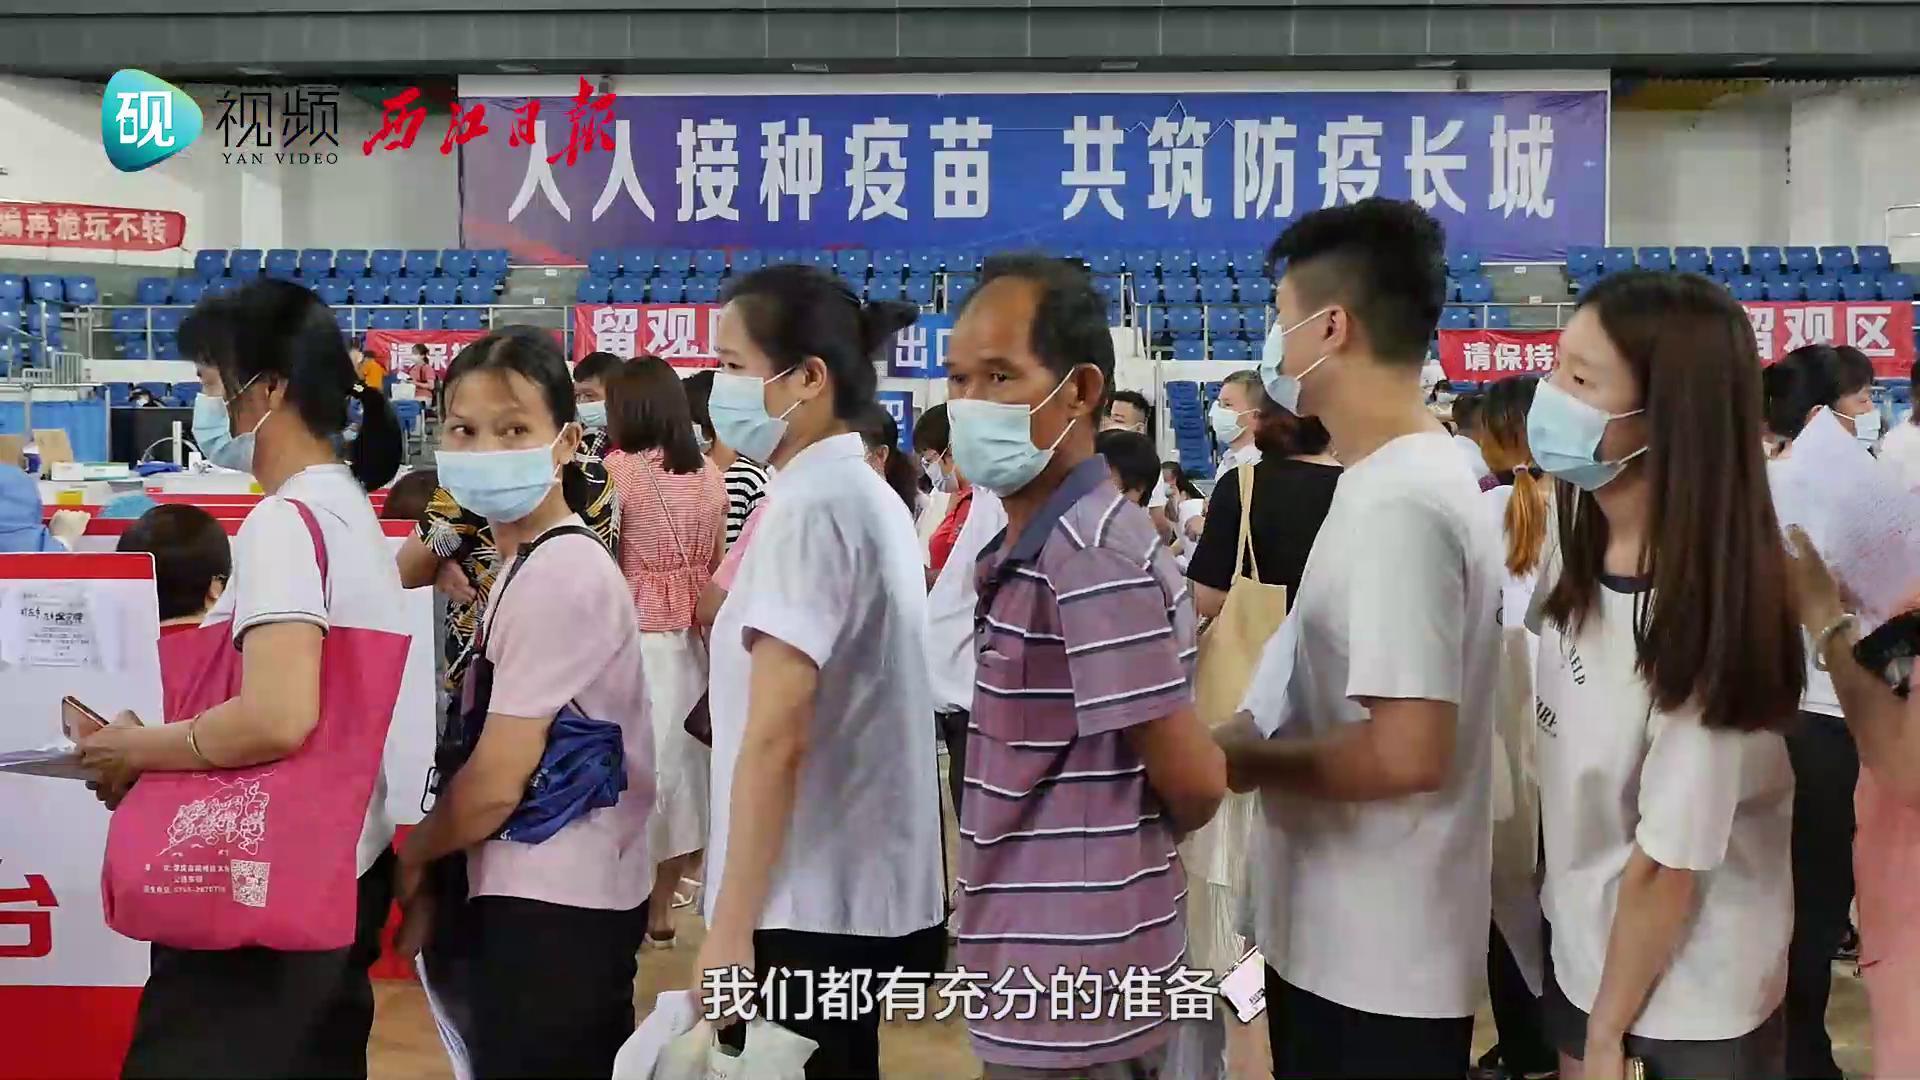 肇庆市体育中心新冠疫苗接种点:群众响应积极 接种秩序井然